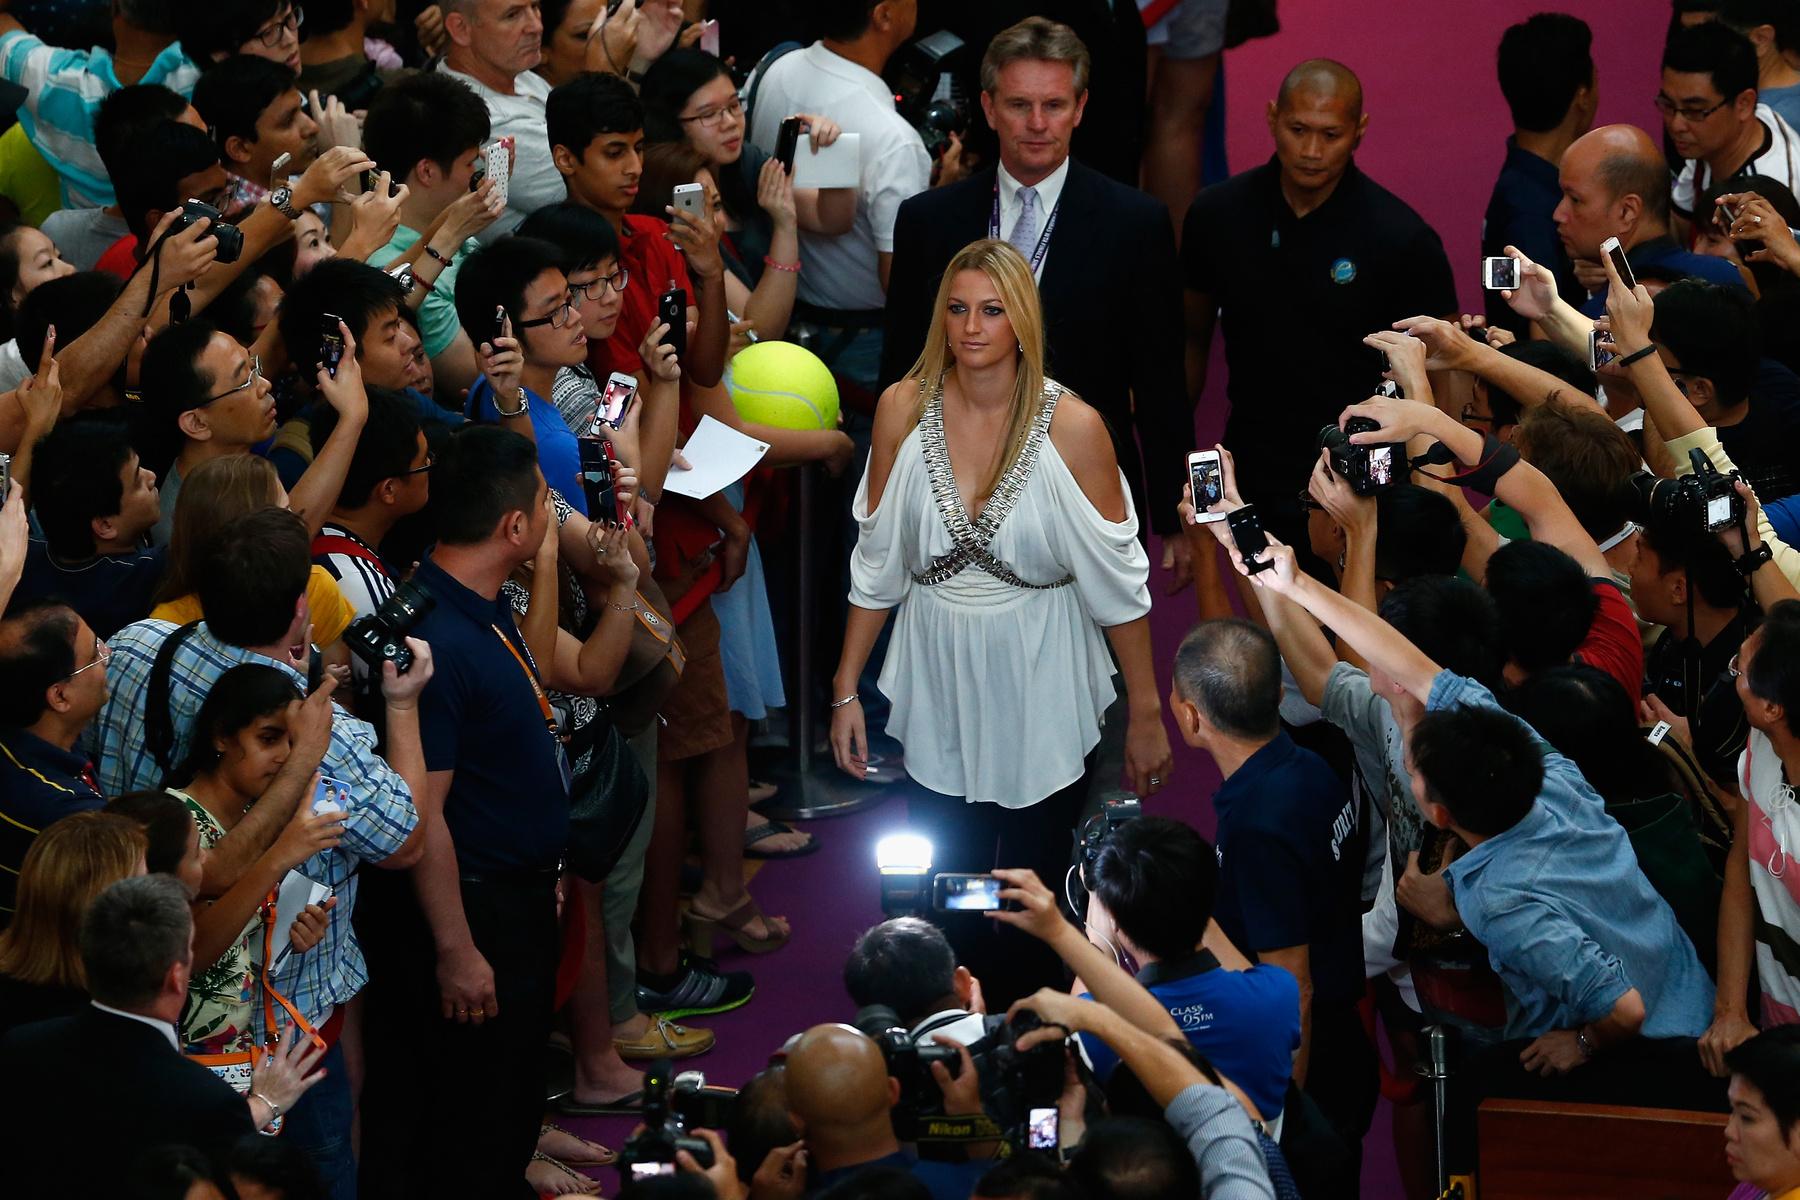 Itt vannak mindannyian, plusz még két teniszezőnő. Balról jobbra: a dám Caroline Wozniacki, Agnieszka Radwanska, Petra Kvitová, Serena Williams, Marija Sarapova, a szerb Ana Ivanovic, Eugenie Bouchard és Simona Halep